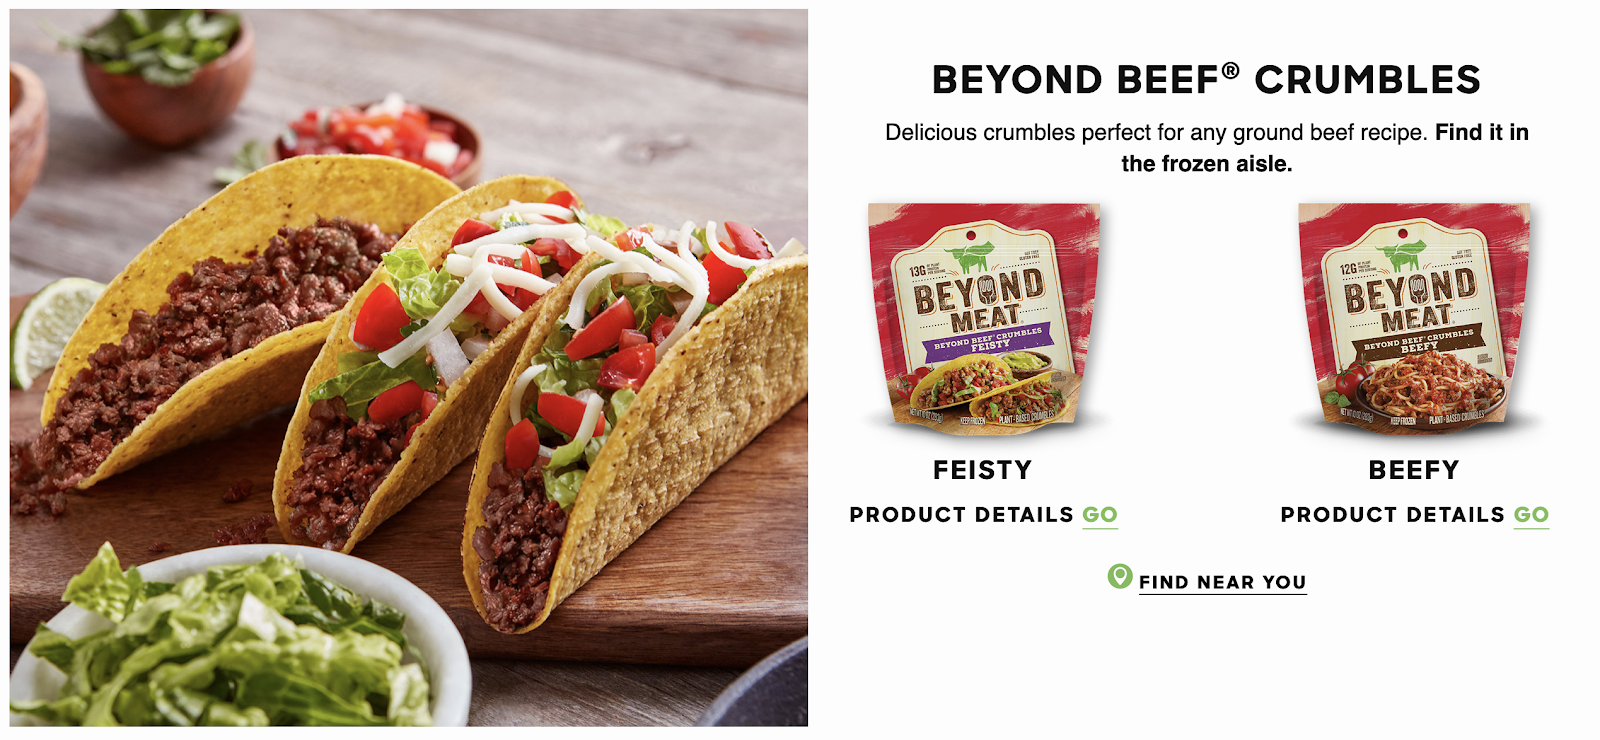 比爾蓋茲跟李嘉誠都投資的新公司!超越肉品公司(股票代號:BYND)終於IPO上市了~人造肉可以作到跟真肉口感 ...